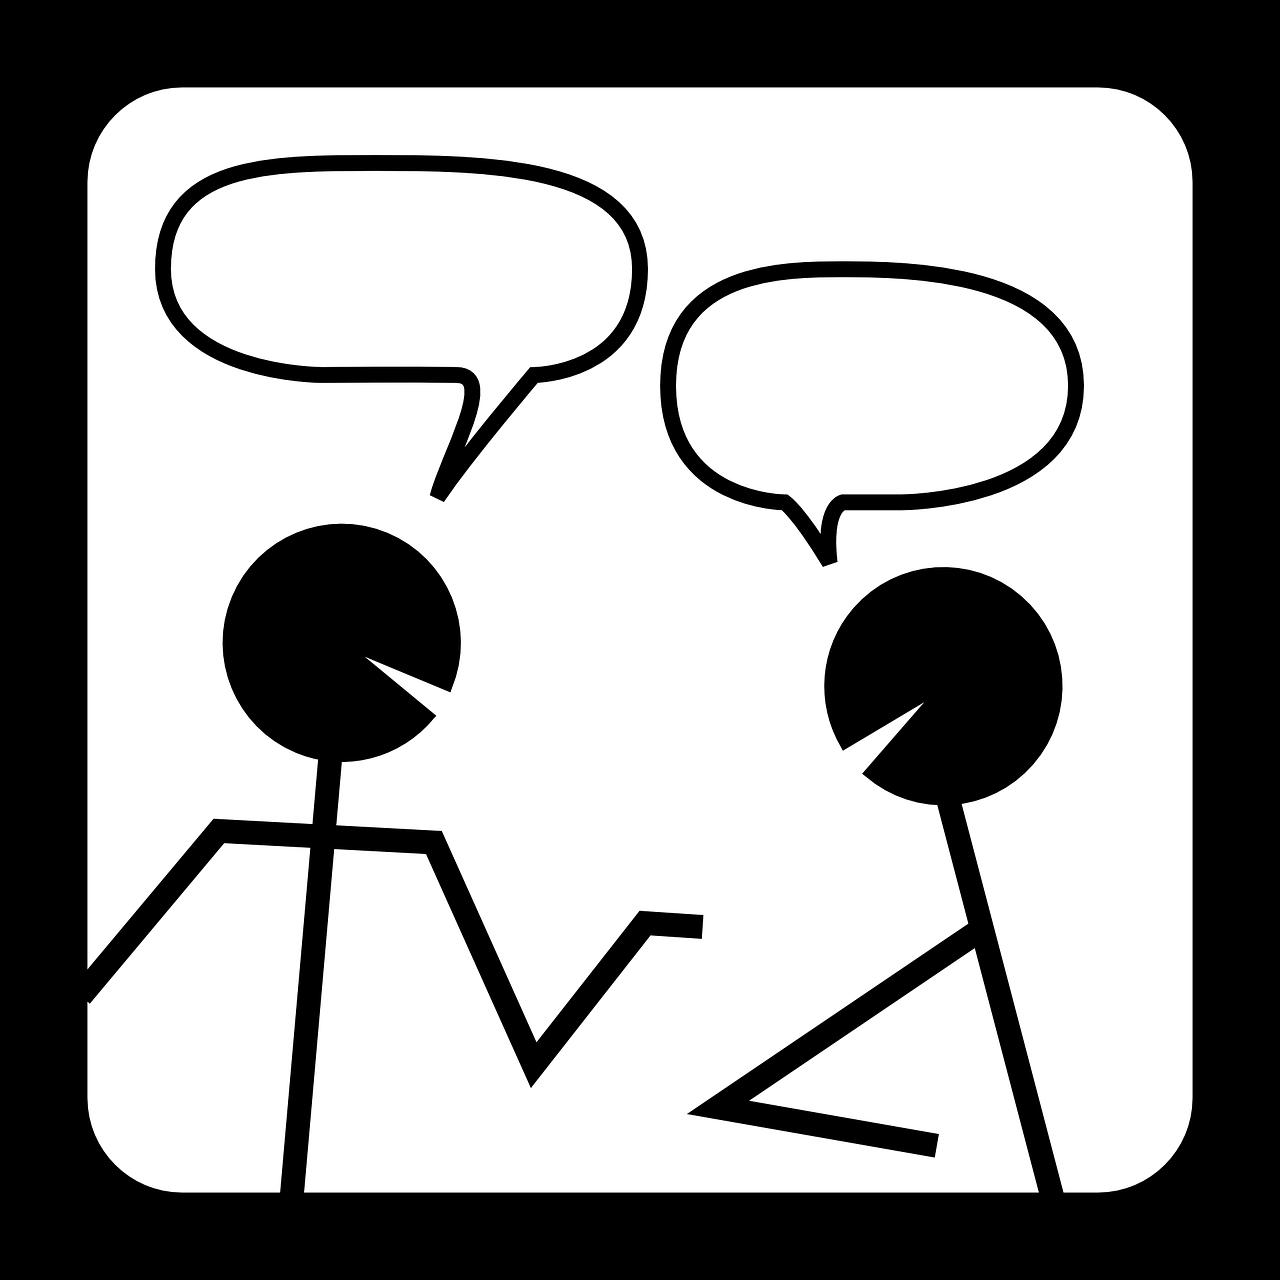 「辞は達するのみ」〜コミュニケーションの難しさについて感じるモヤモヤを端的に表す言葉を知りました〜